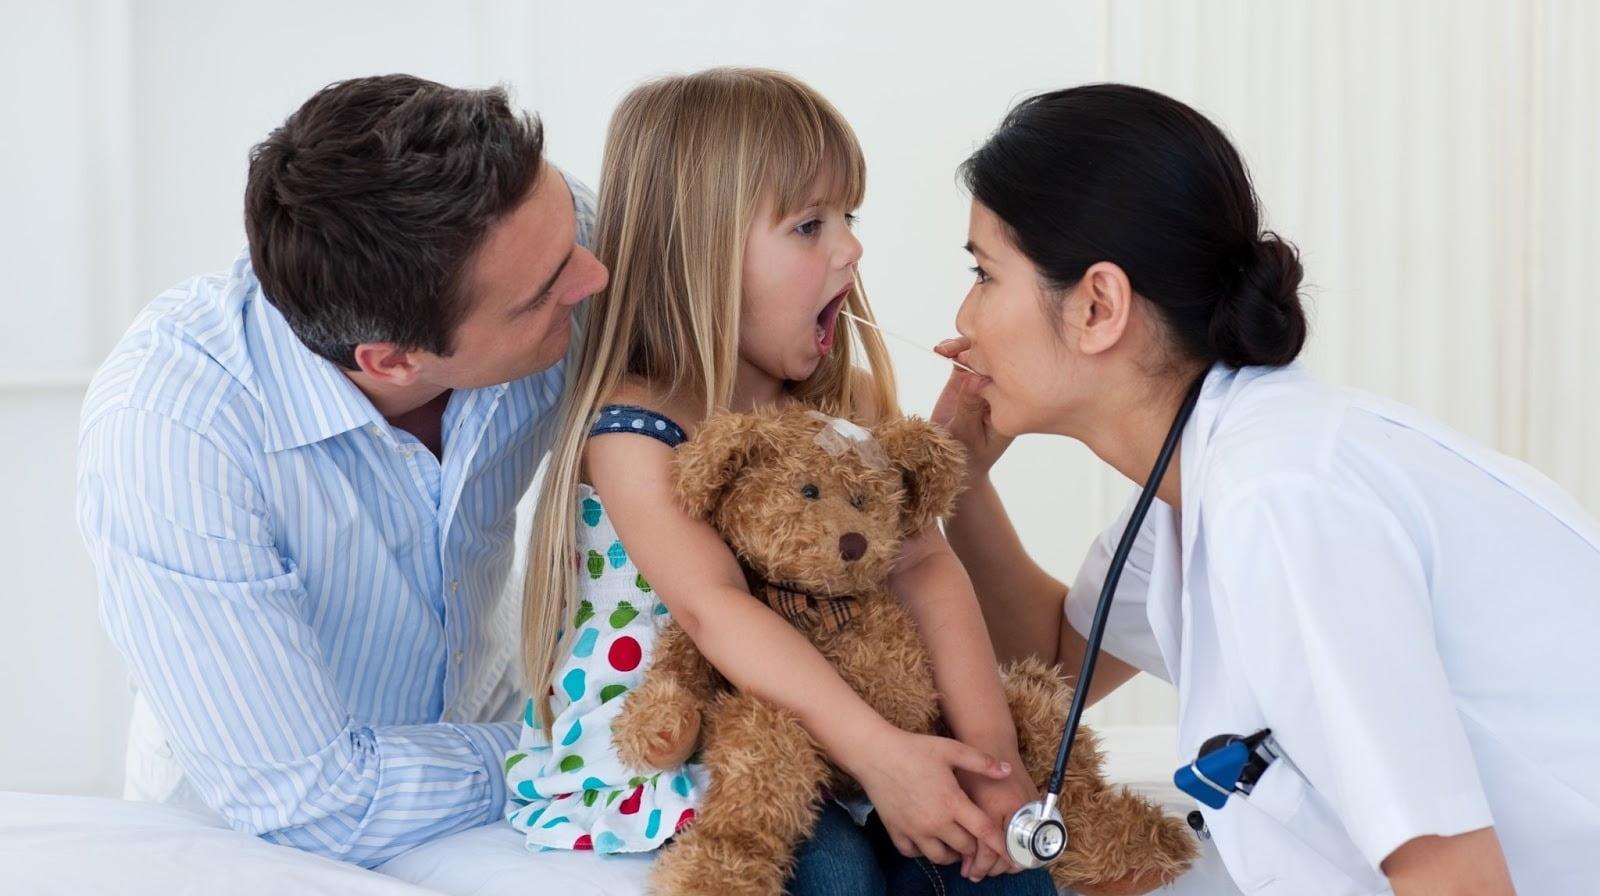 Lời khuyên từ bác sĩ: 8 cách chăm sóc trẻ bị viêm amidan tại nhà